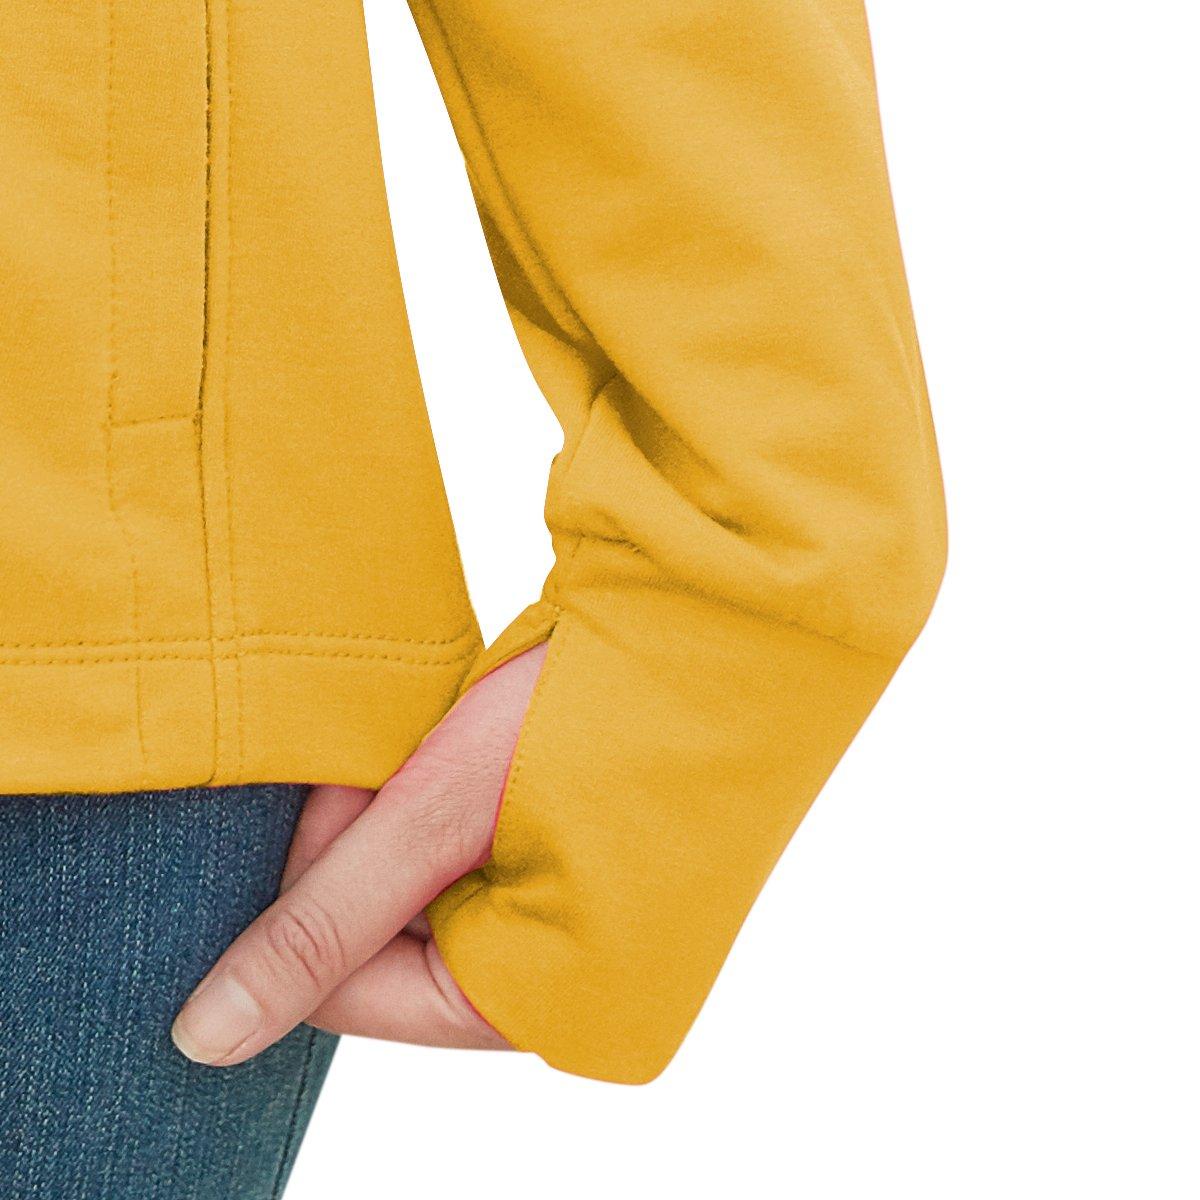 Áo khoác c3 cao cấp không nón chống tia tử ngoại uv akcn 401p 1025